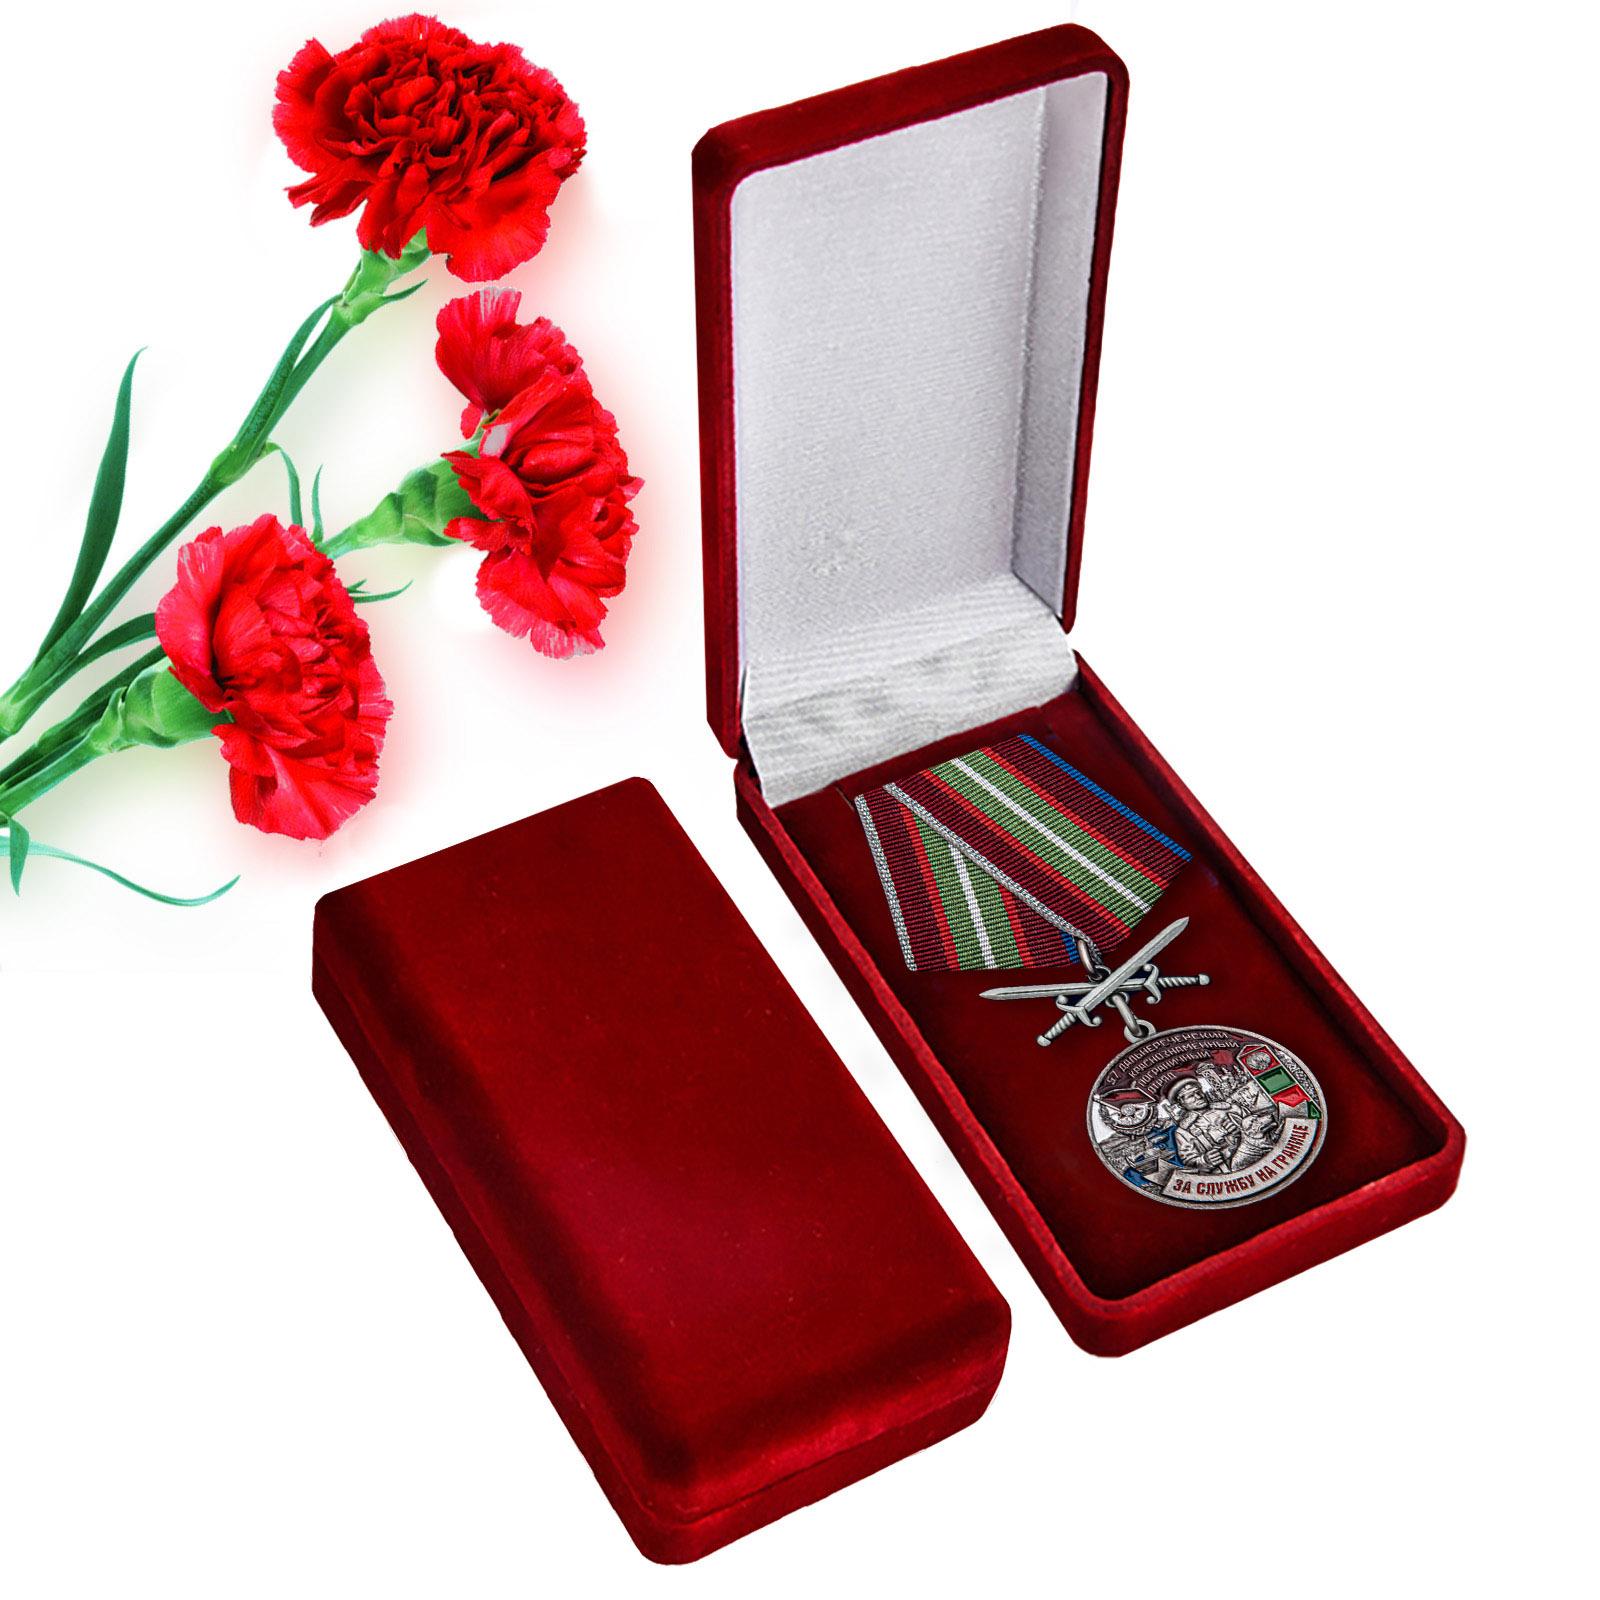 Купить медаль За службу в Дальнереченском пограничном отряде в подарок